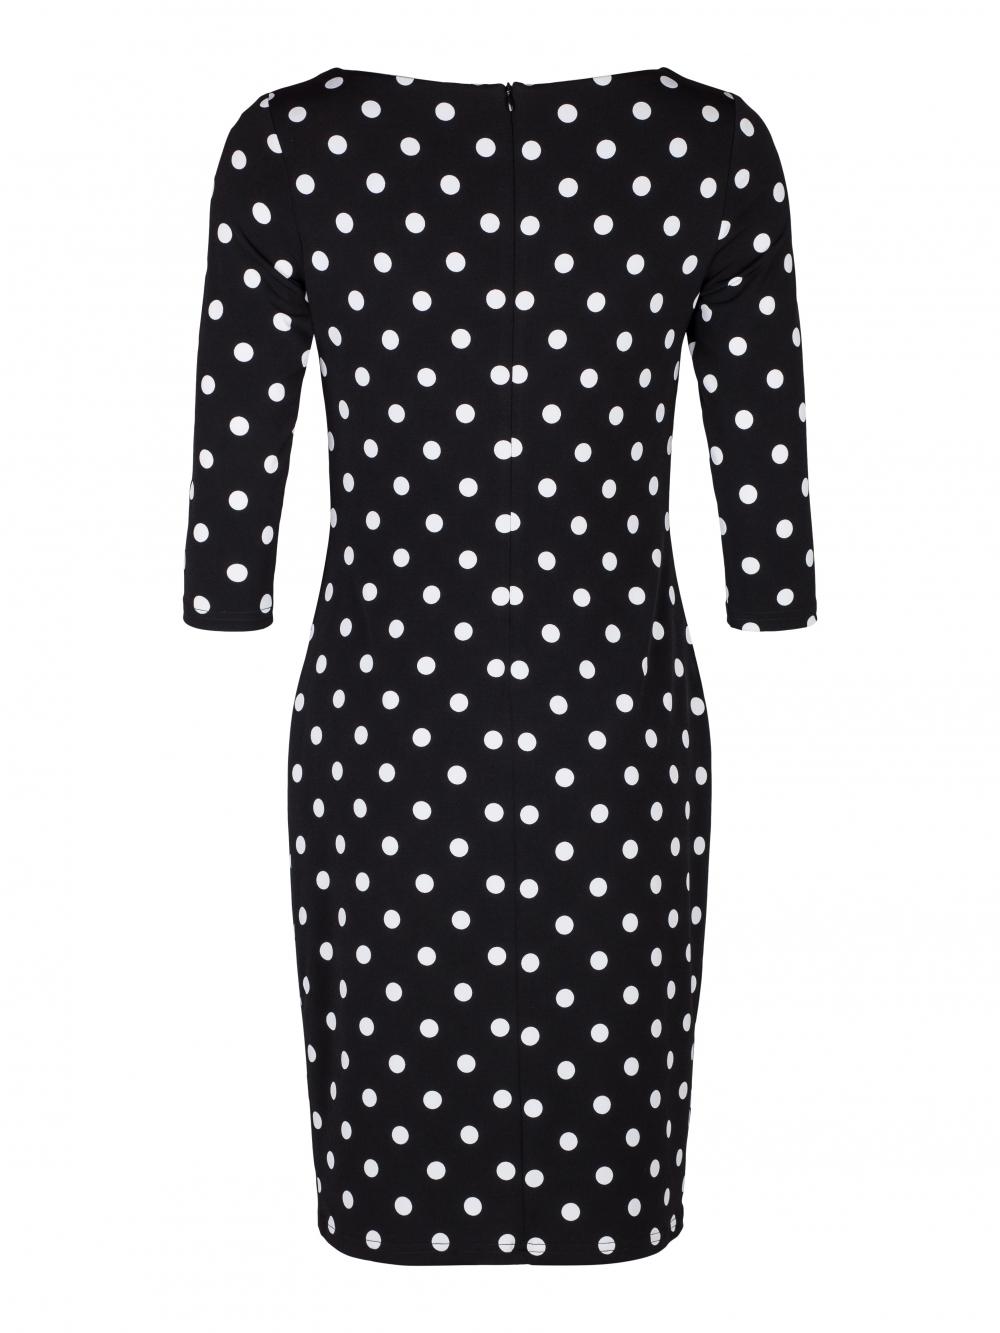 Klänning från Joseph Ribkoff - handla i butik eller online hos Modevil 6db302daf9df2